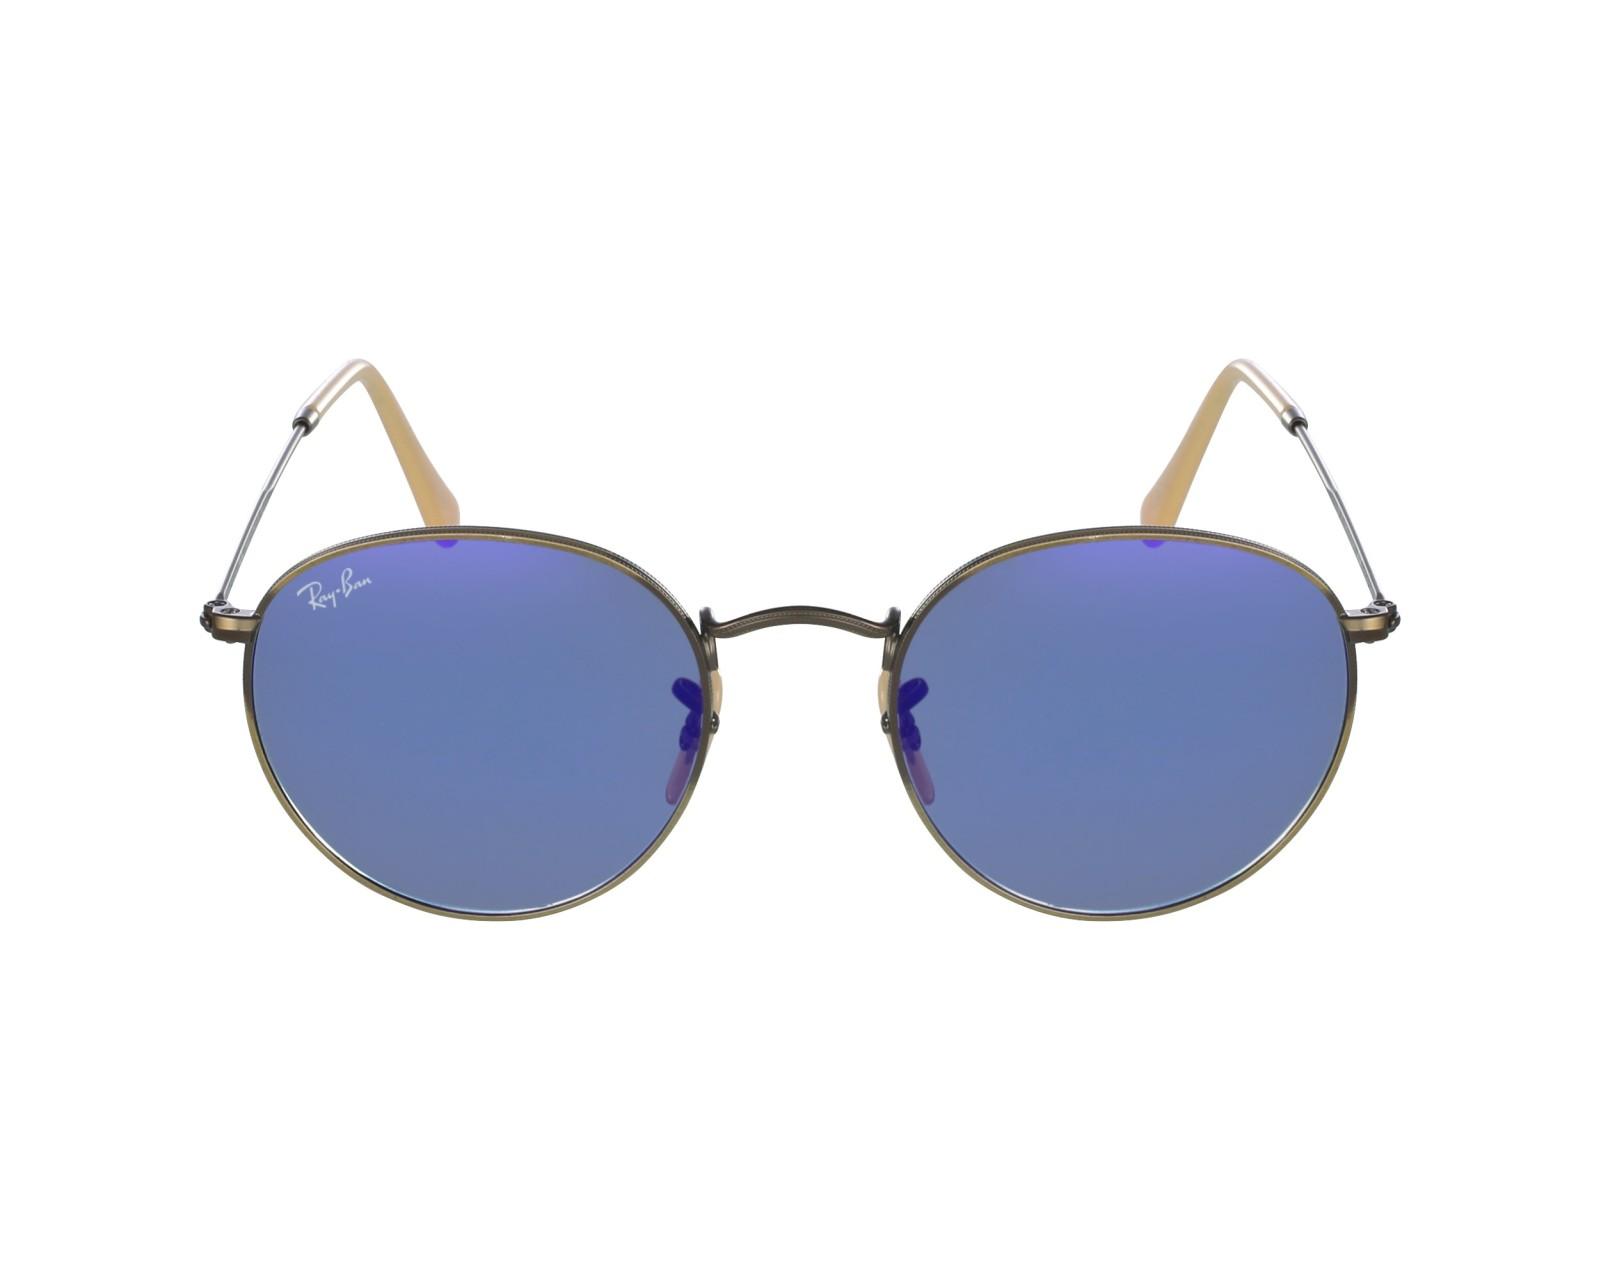 46e7a44e15b thumbnail Sunglasses Ray-Ban RB-3447 167 68 - Bronze profile view